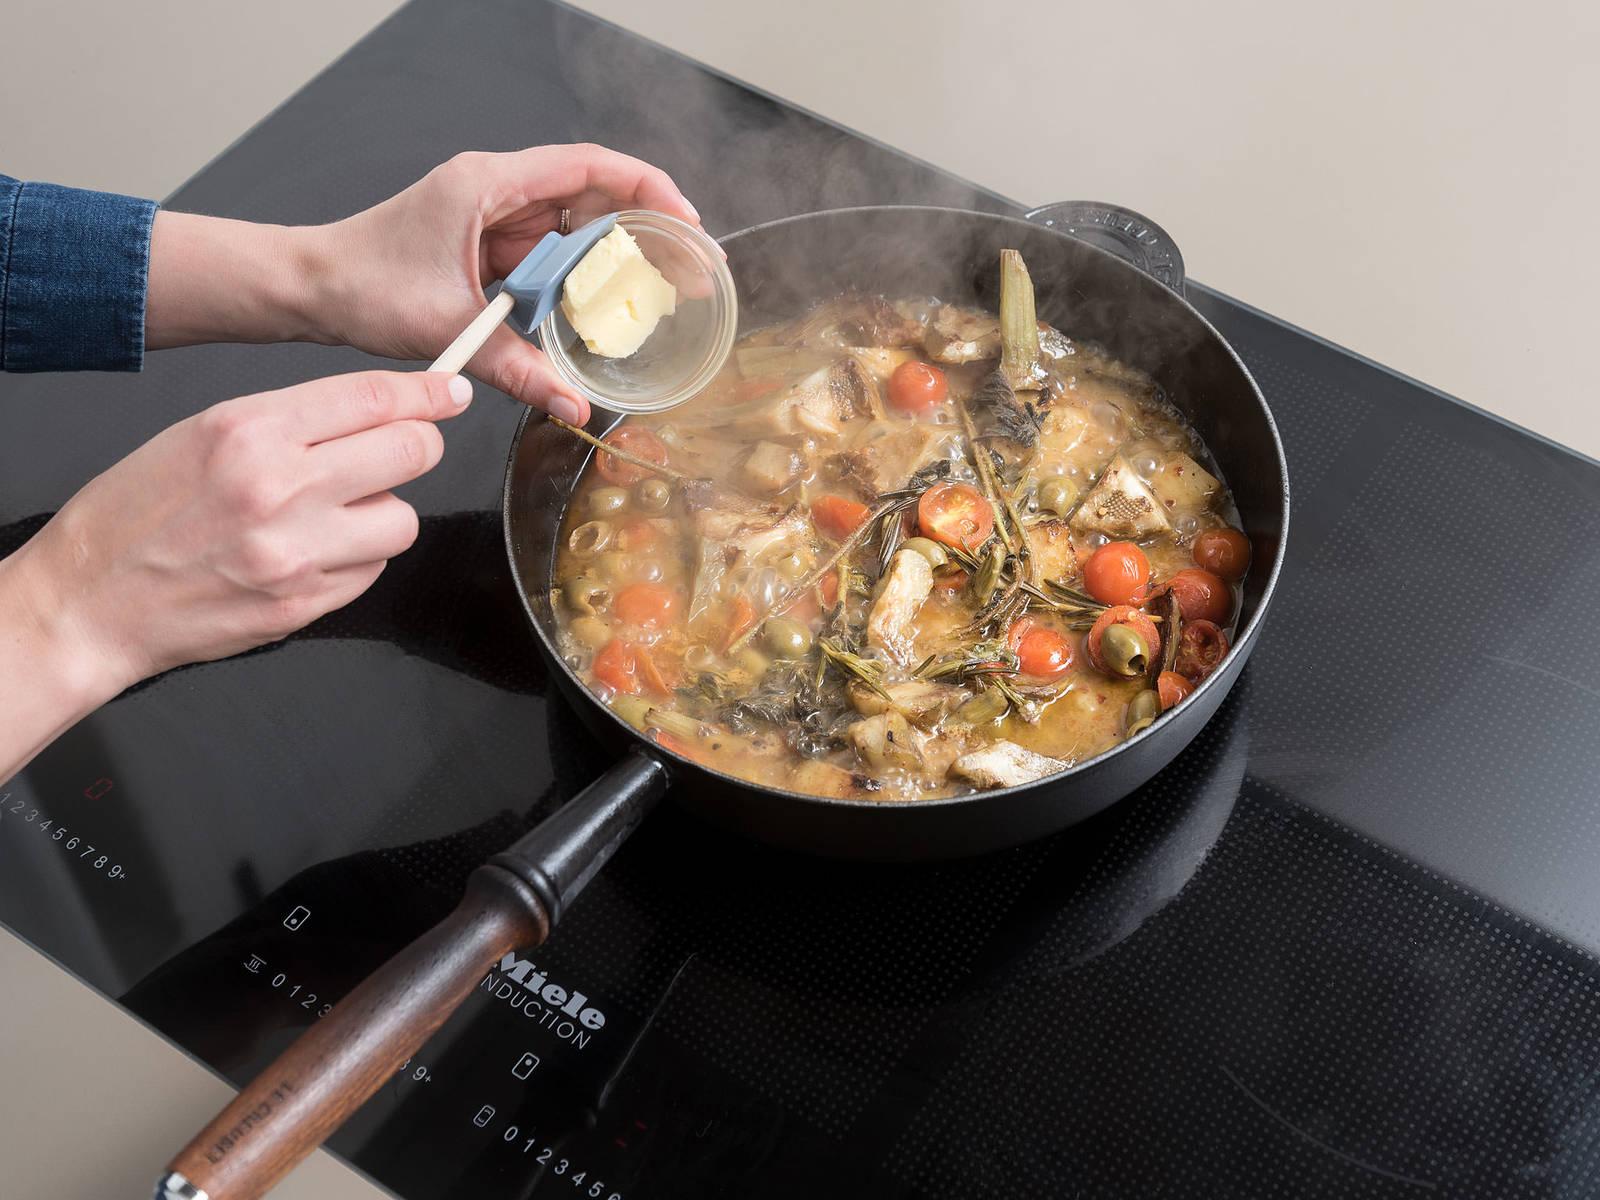 将鸡肉放到一个盘中,把煎锅放回炉上,中高火将汤汁煨至稍微变稠,约需3分钟。拌入黄油。将鸡腿放回锅中,如有需要,可用更多柠檬汁、盐和胡椒调味。饰以牛至叶。尽情享用吧!